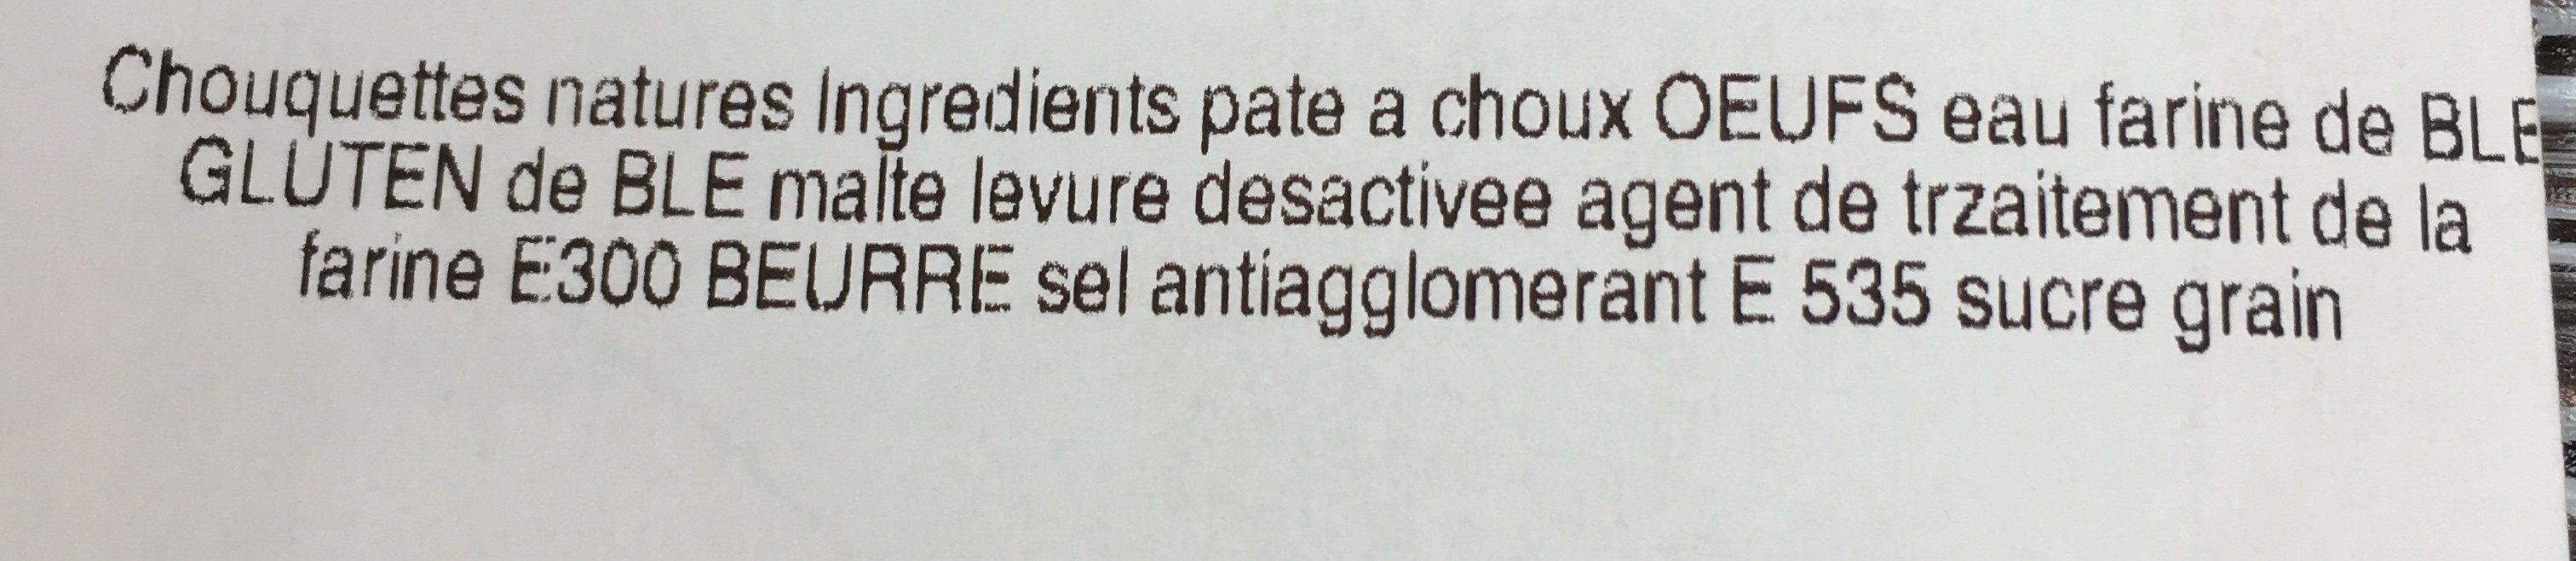 Couronne Pâte a Choux - Ingrédients - fr